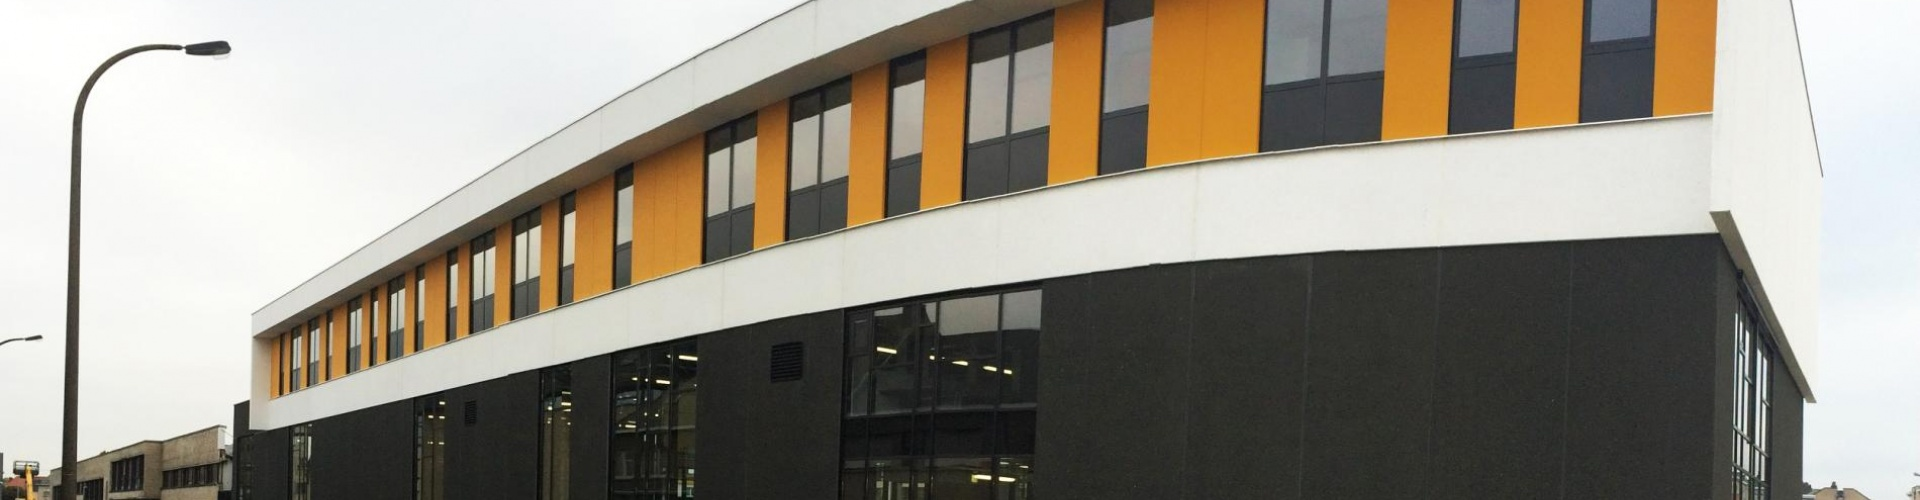 Bernardustechnicum campus Gelukstede Oudenaarde